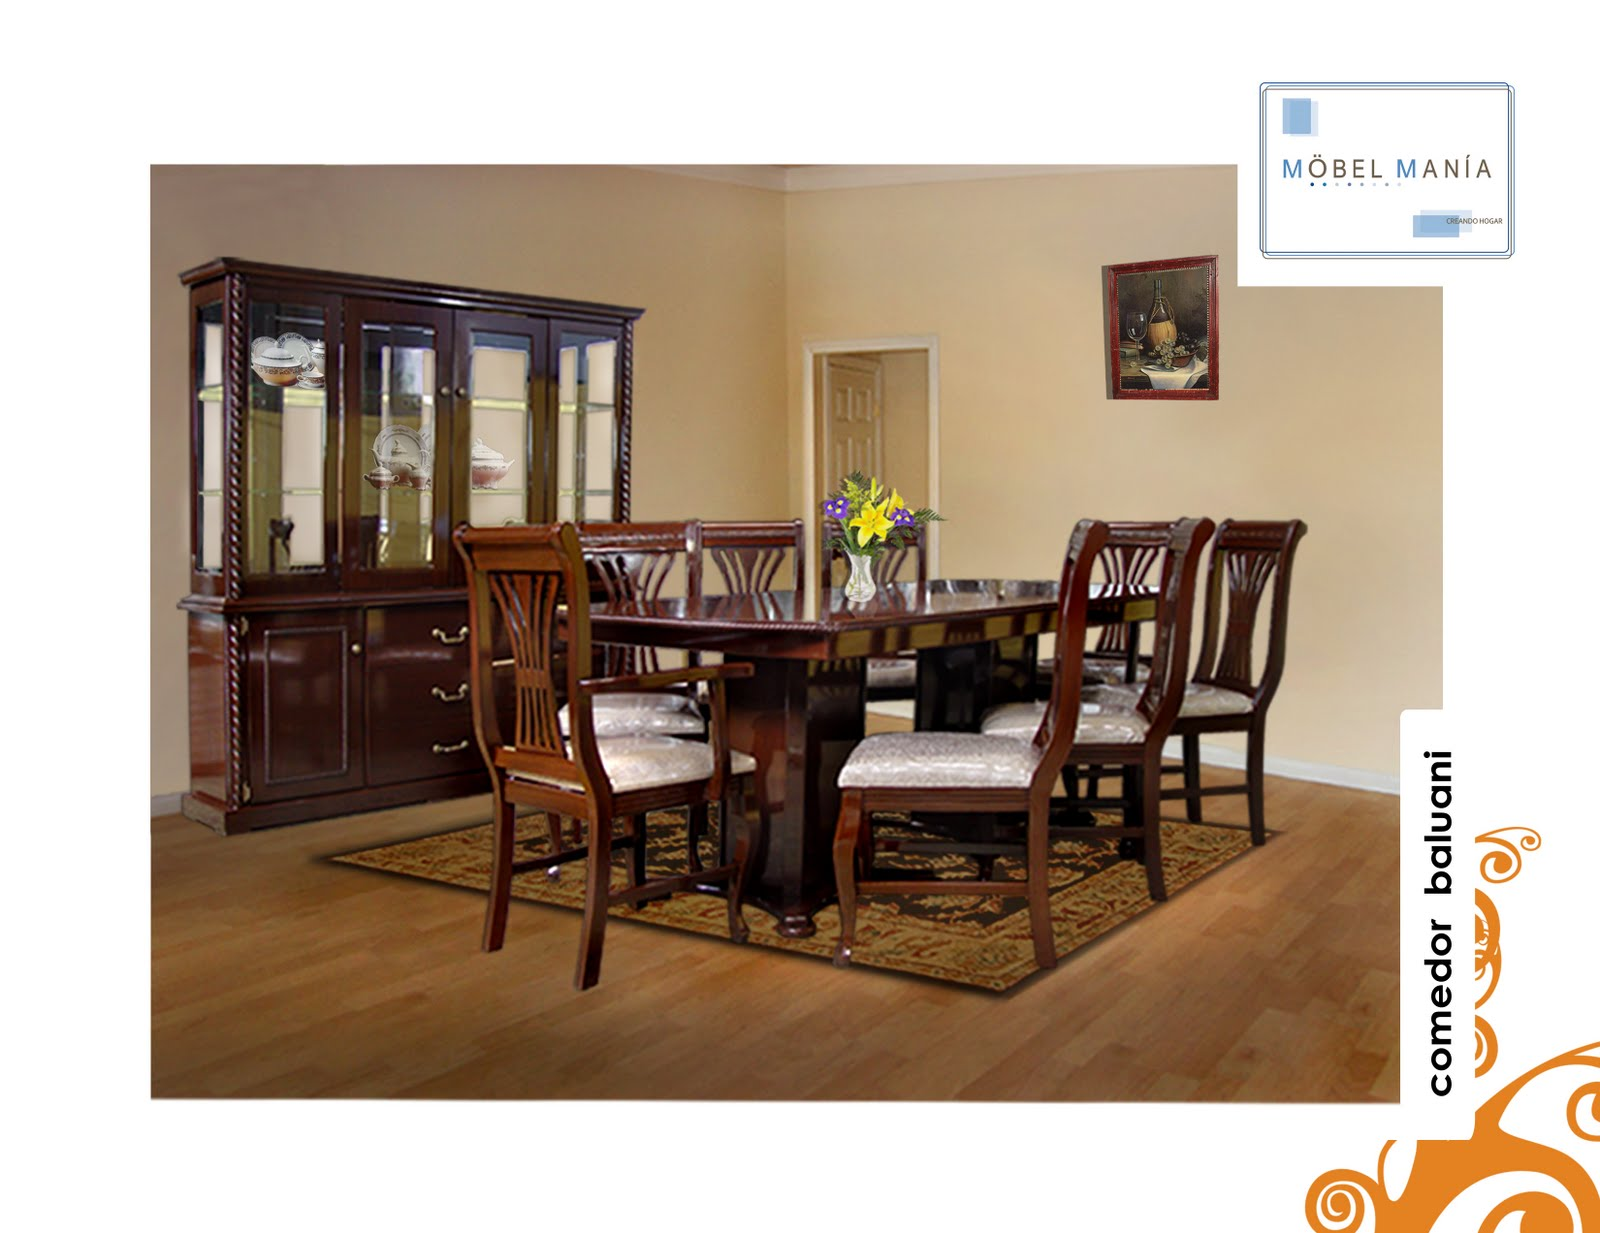 Muebles Viana : Muebles viana df obtenga ideas diseño de para su